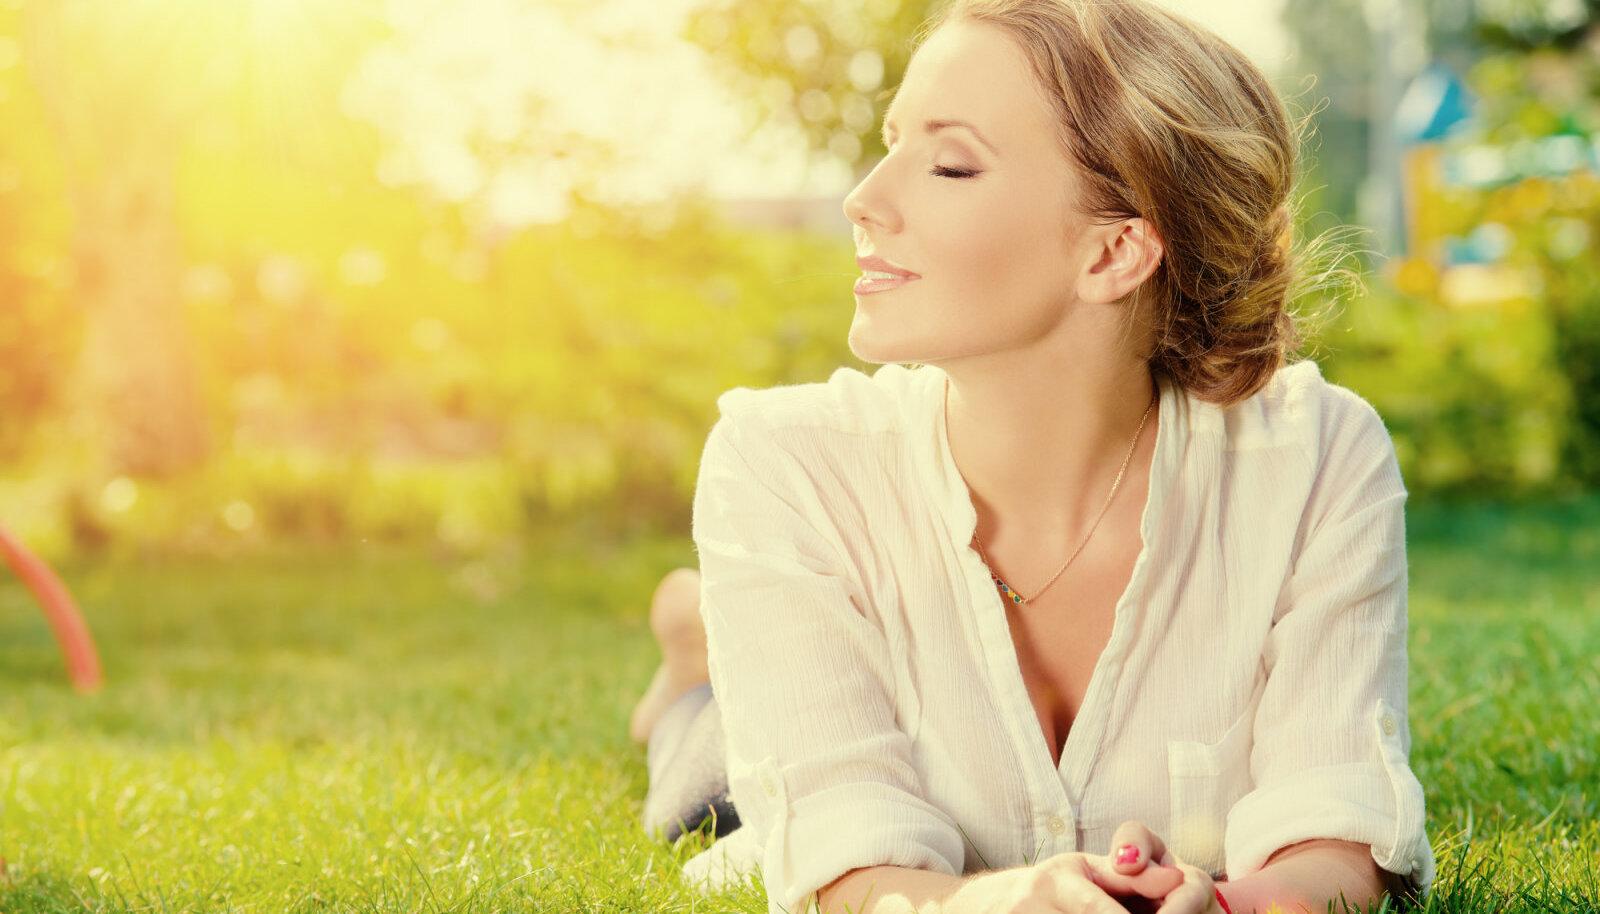 Ela aeglaselt, hoolivalt ja armastavalt, et see väljenduks ka suhtumises oma kehasse